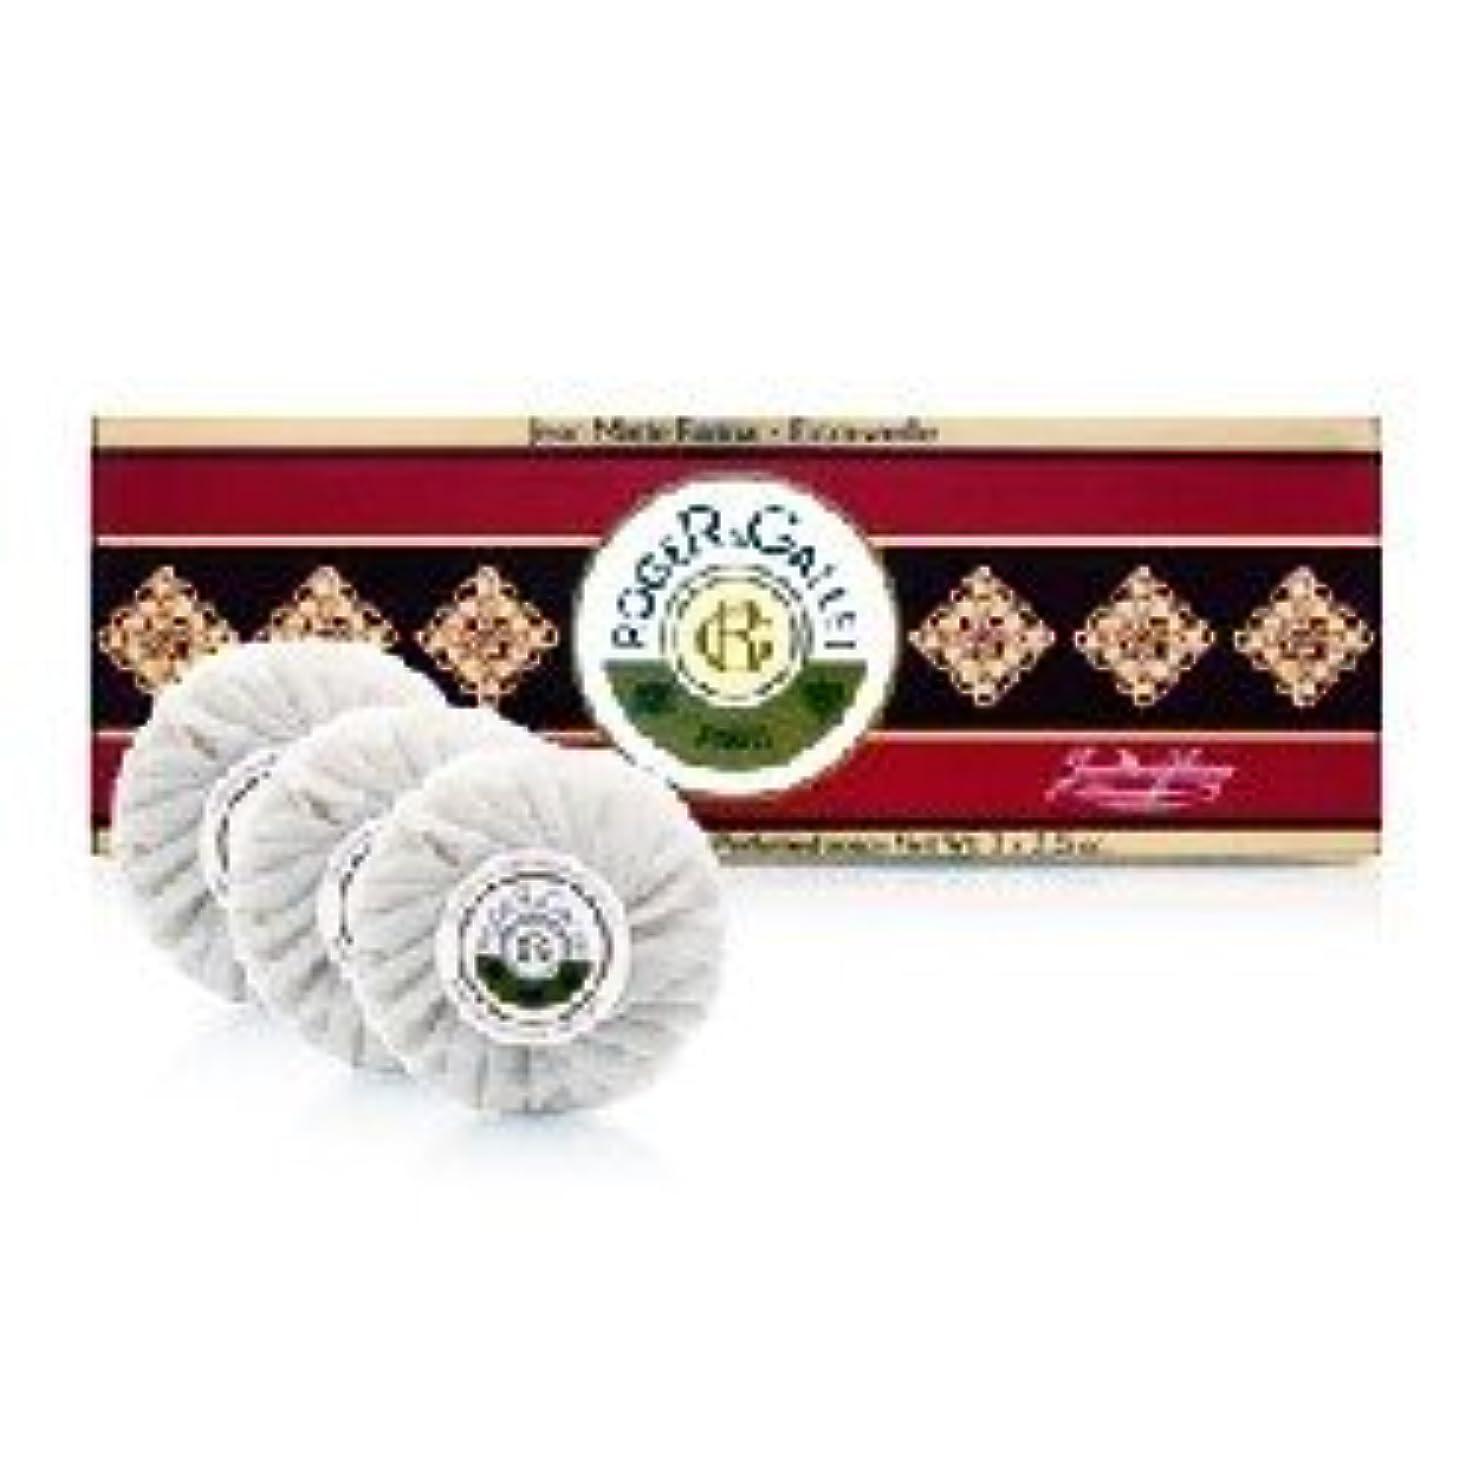 同等の相対的変装したロジェガレ ジャンマリーファリナ 香水石鹸3個セット ROGER&GALLET JEAN MARIE FARINA SOAP